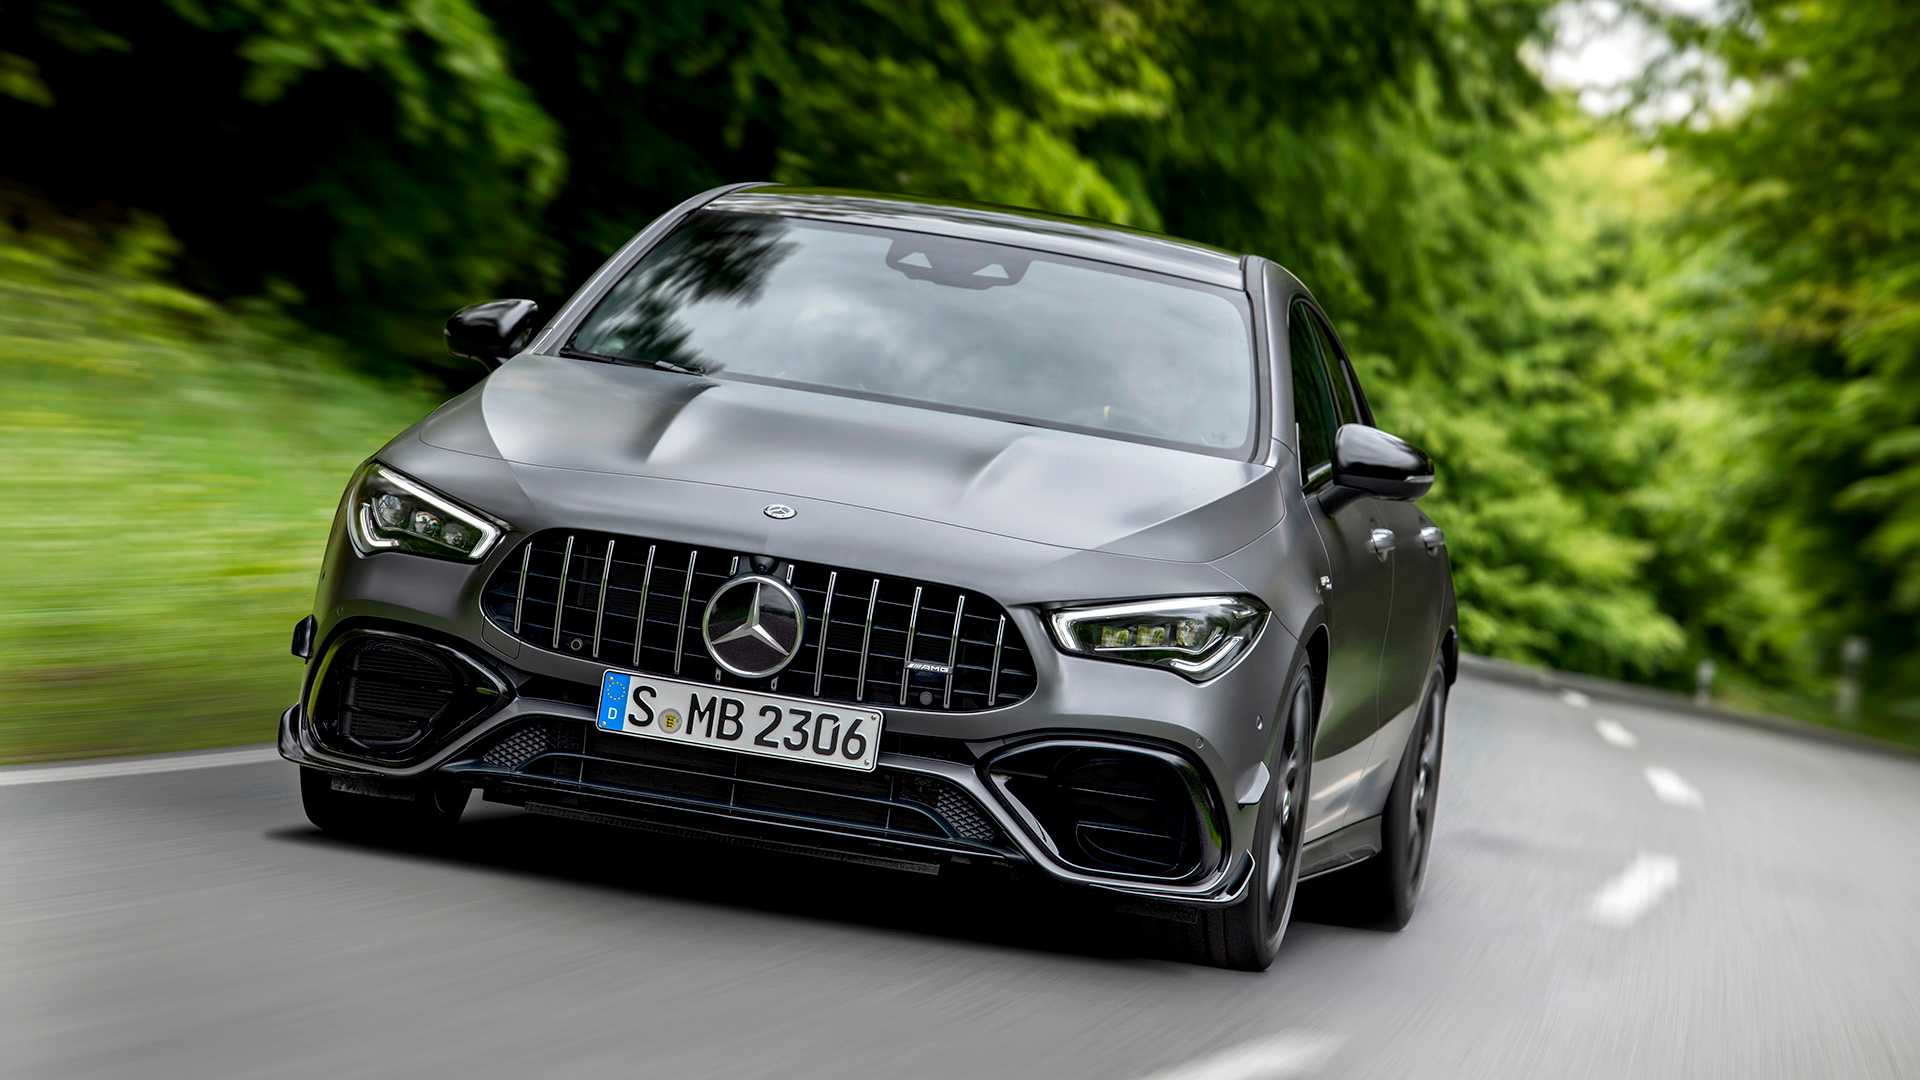 Mercedes-AMG A 45 e CLA 45 2020 estreiam com motor 2.0 turbo de 421 cv Mercedes-amg-cla-45-4matic-2019